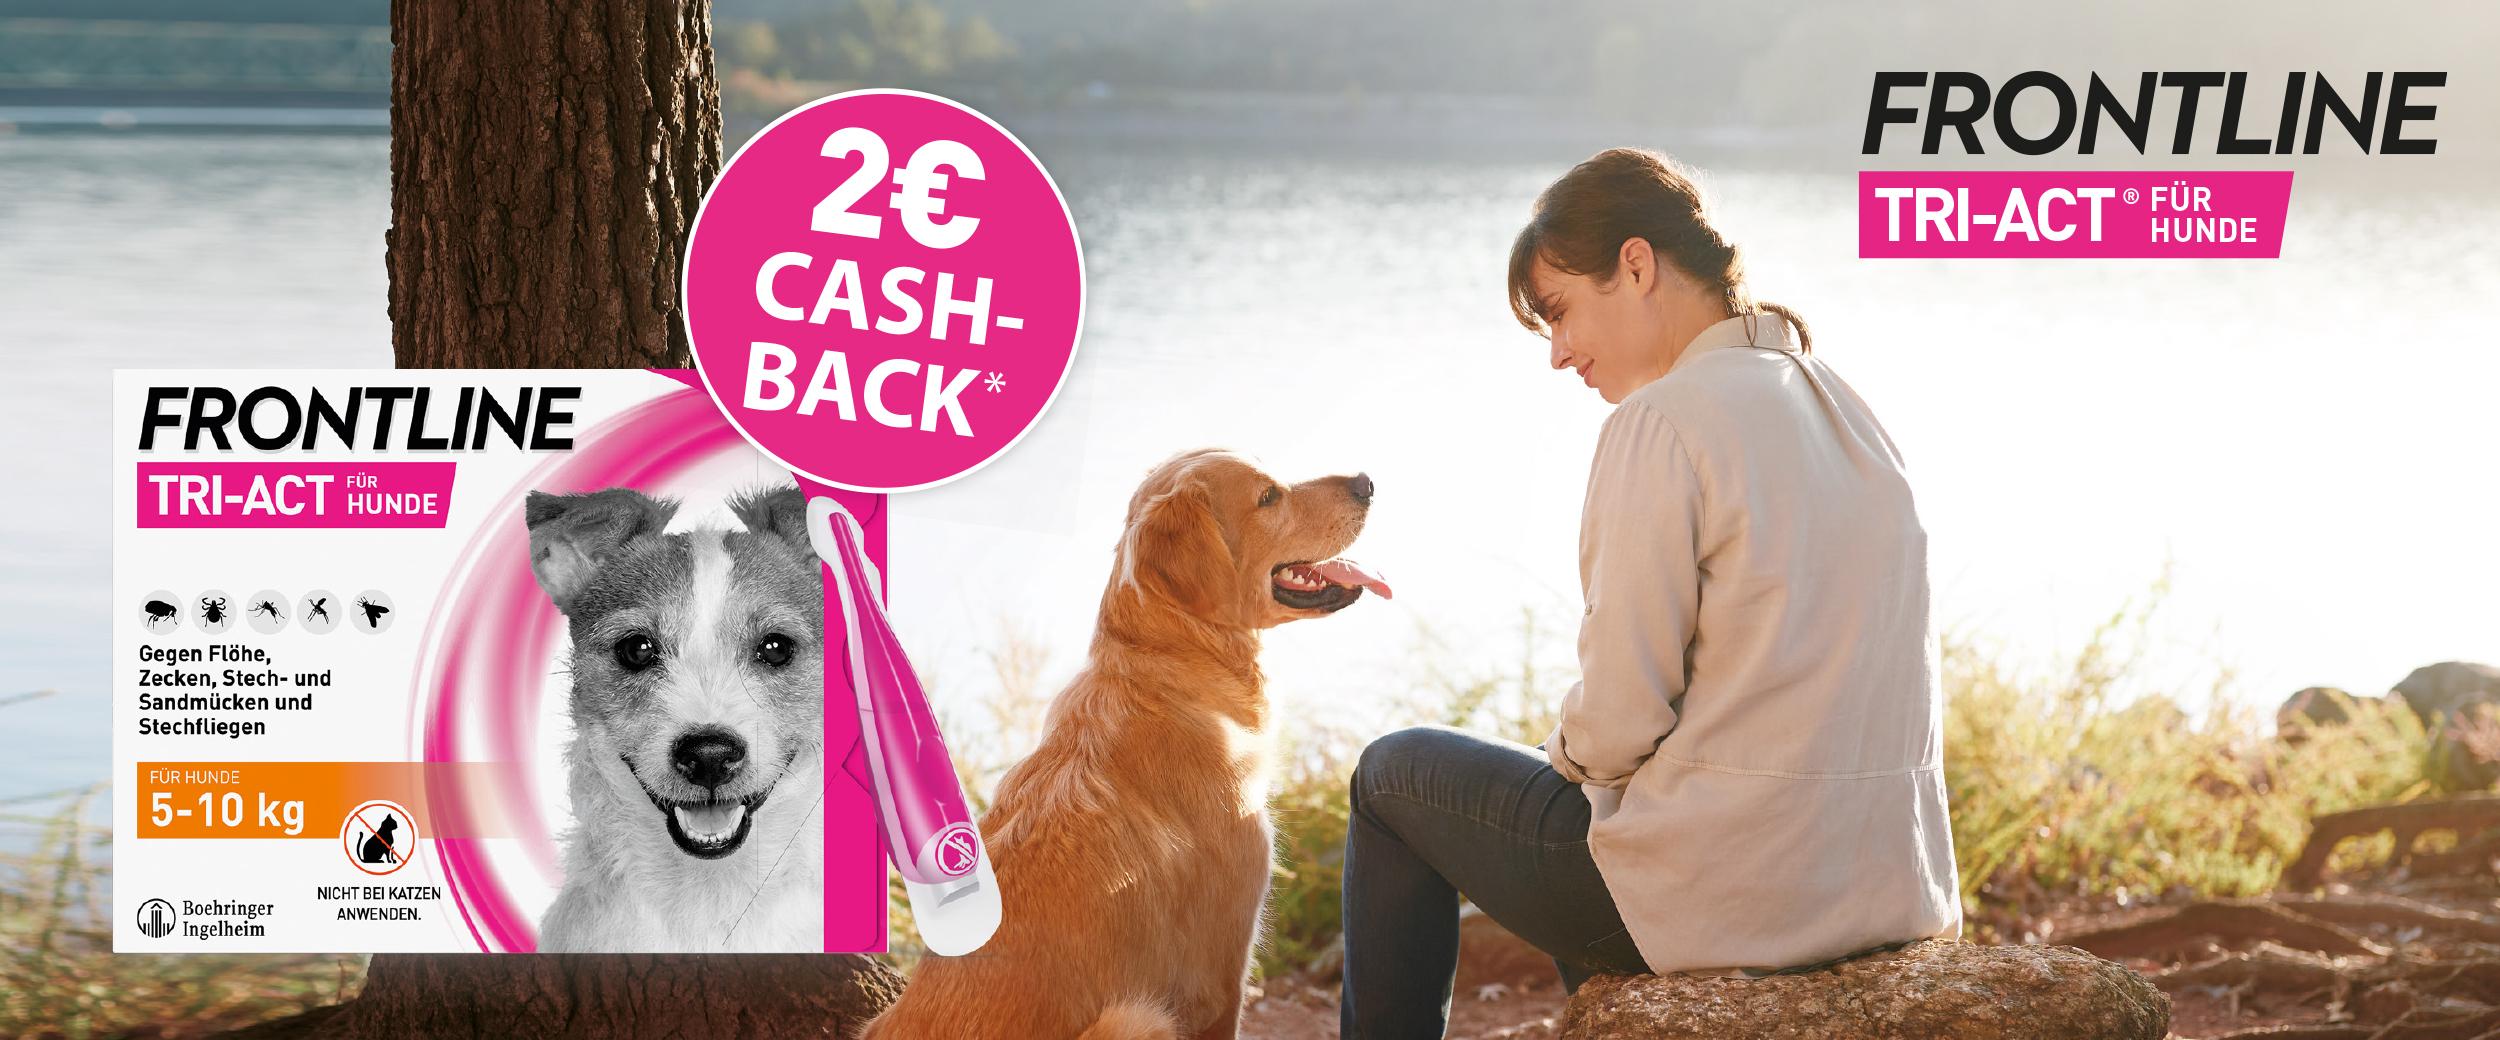 2€ Rabatt auf FRONTLINE TRI ACT® für Hunde